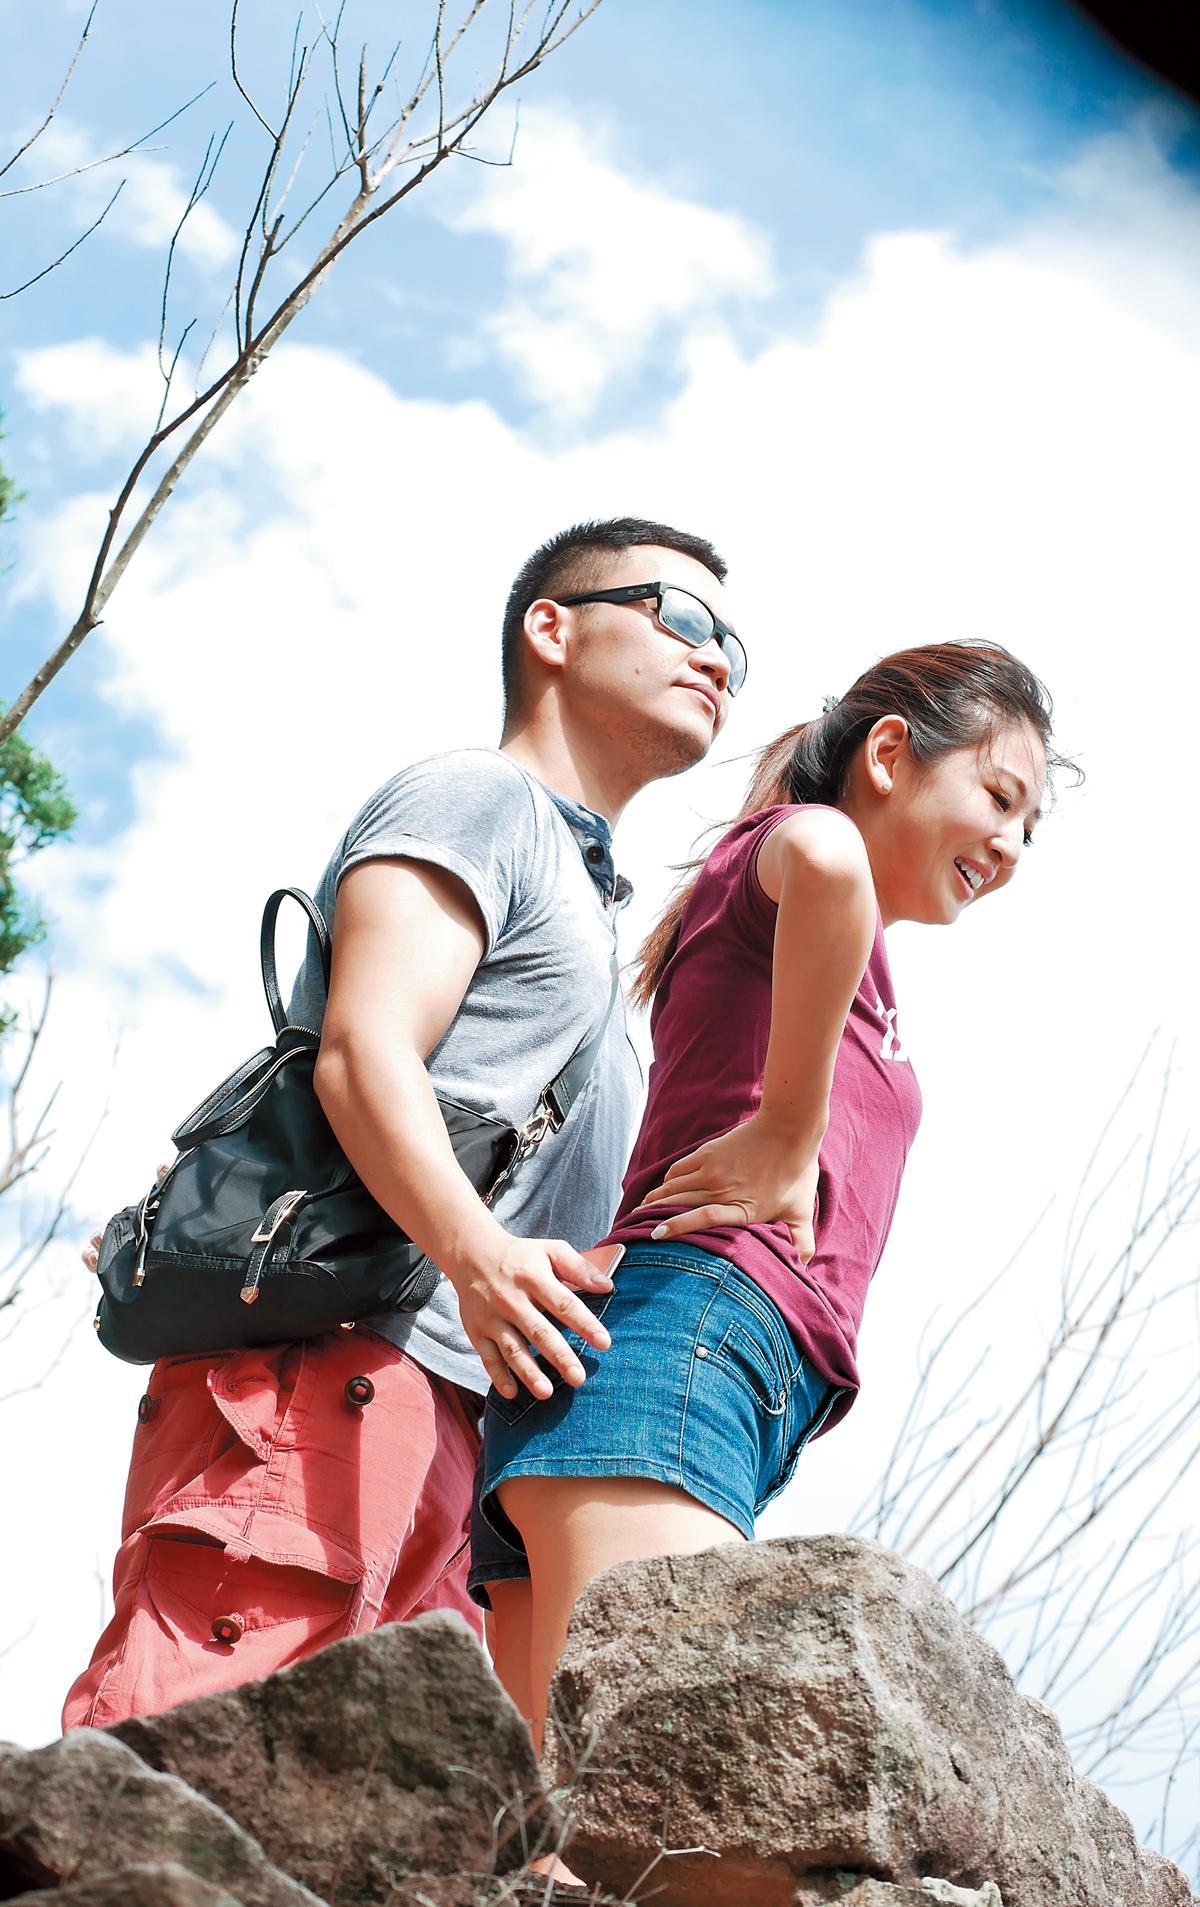 趙筱葳離婚一年後,終於有了高壯男新歡,兩人還一起爬山。